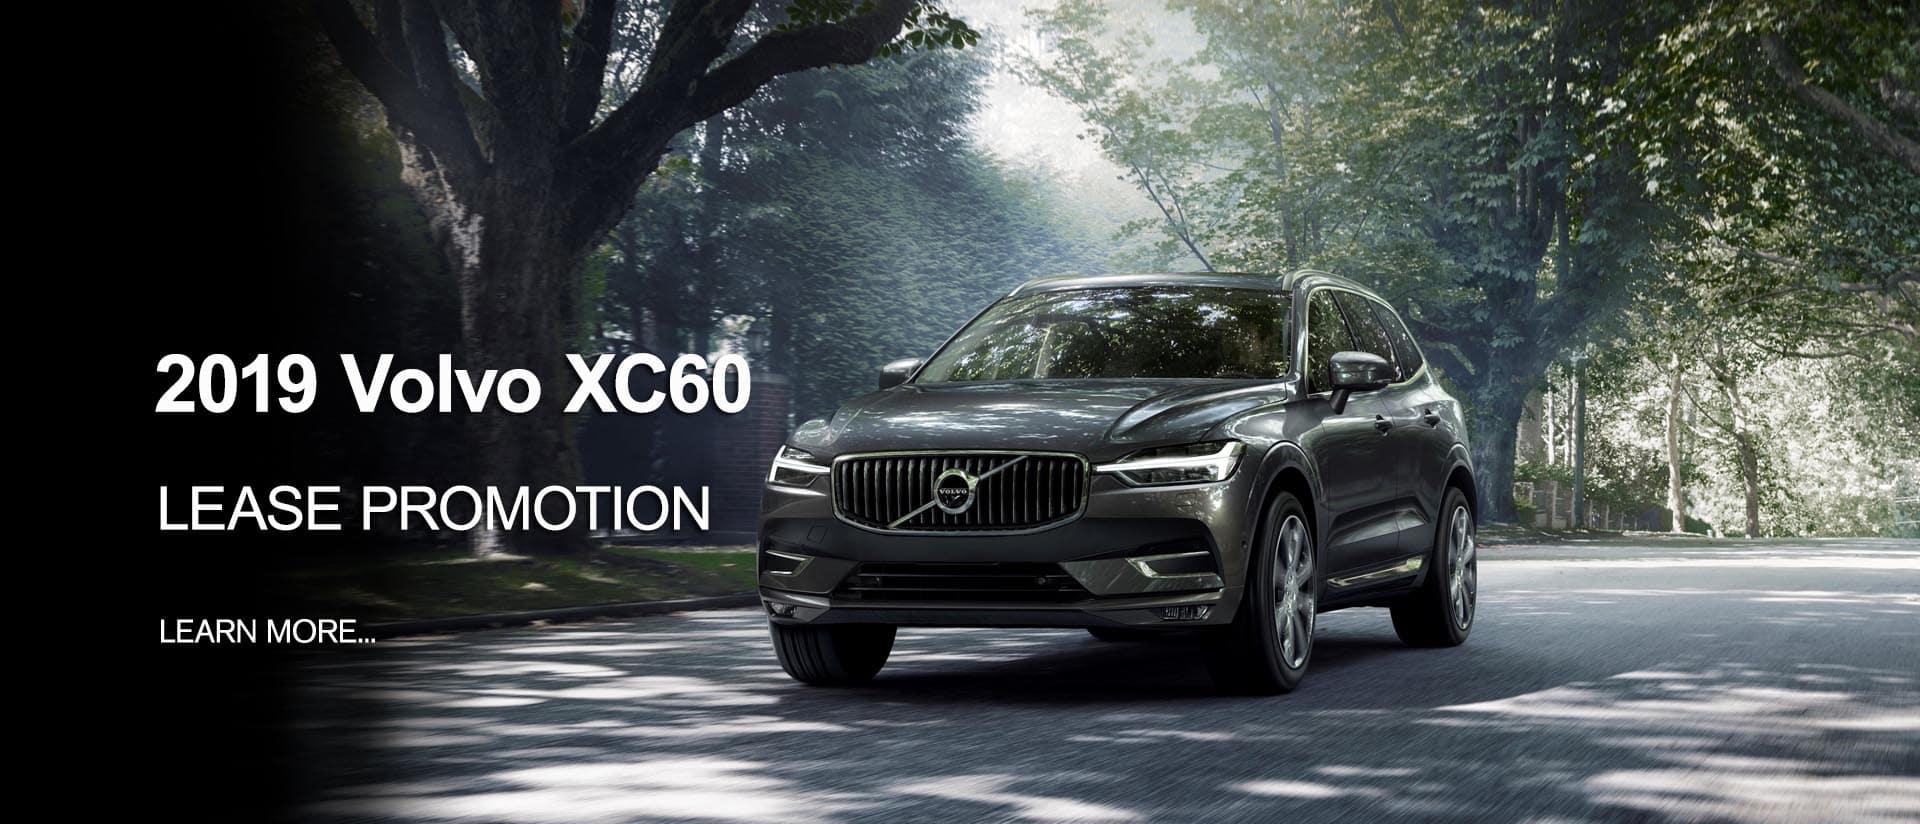 XC60-promotion